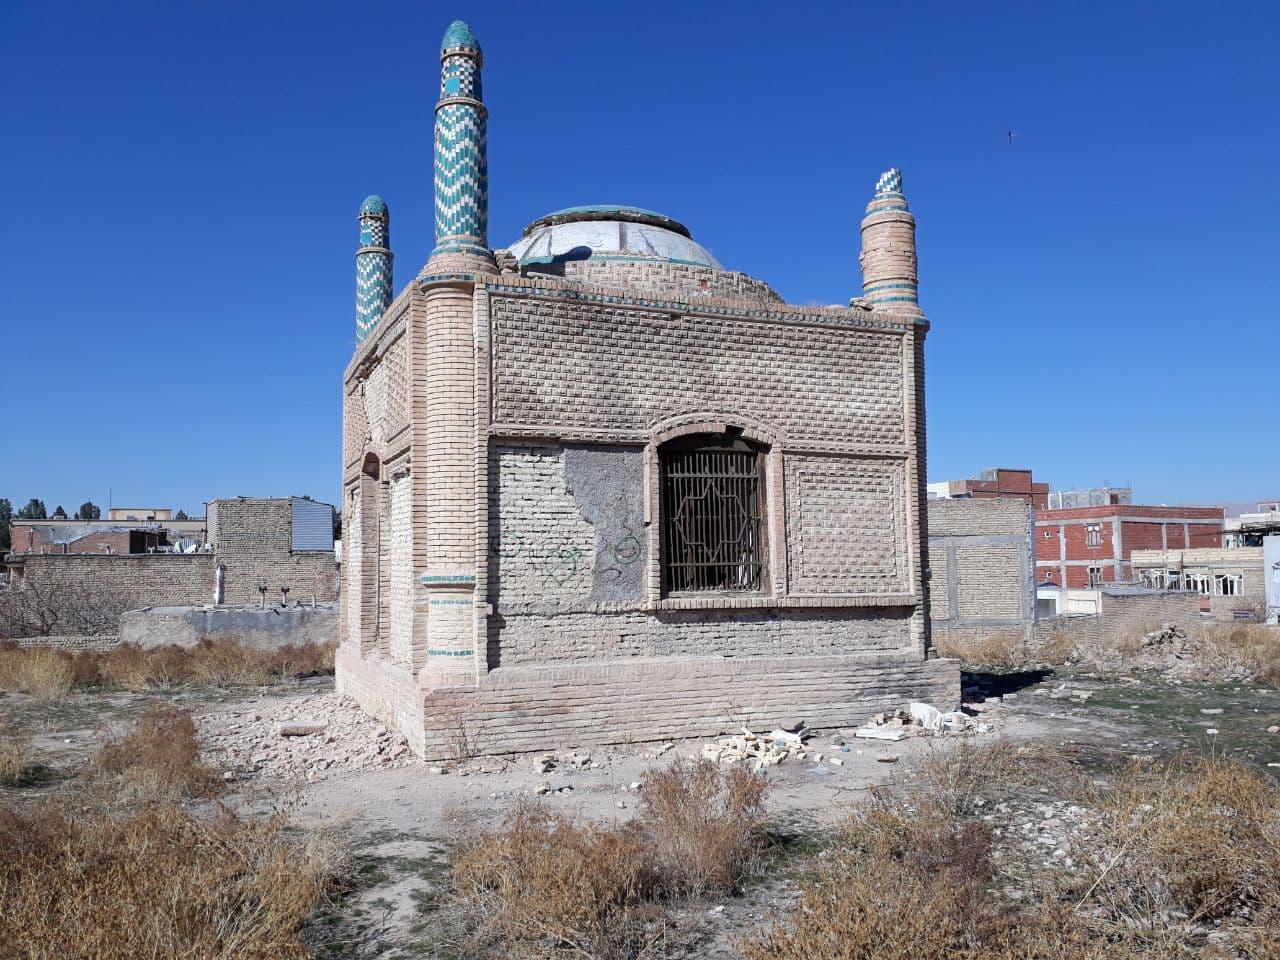 مقبره شهدا بجنورد، چشم انتظار تحقق وعده های بهسازی